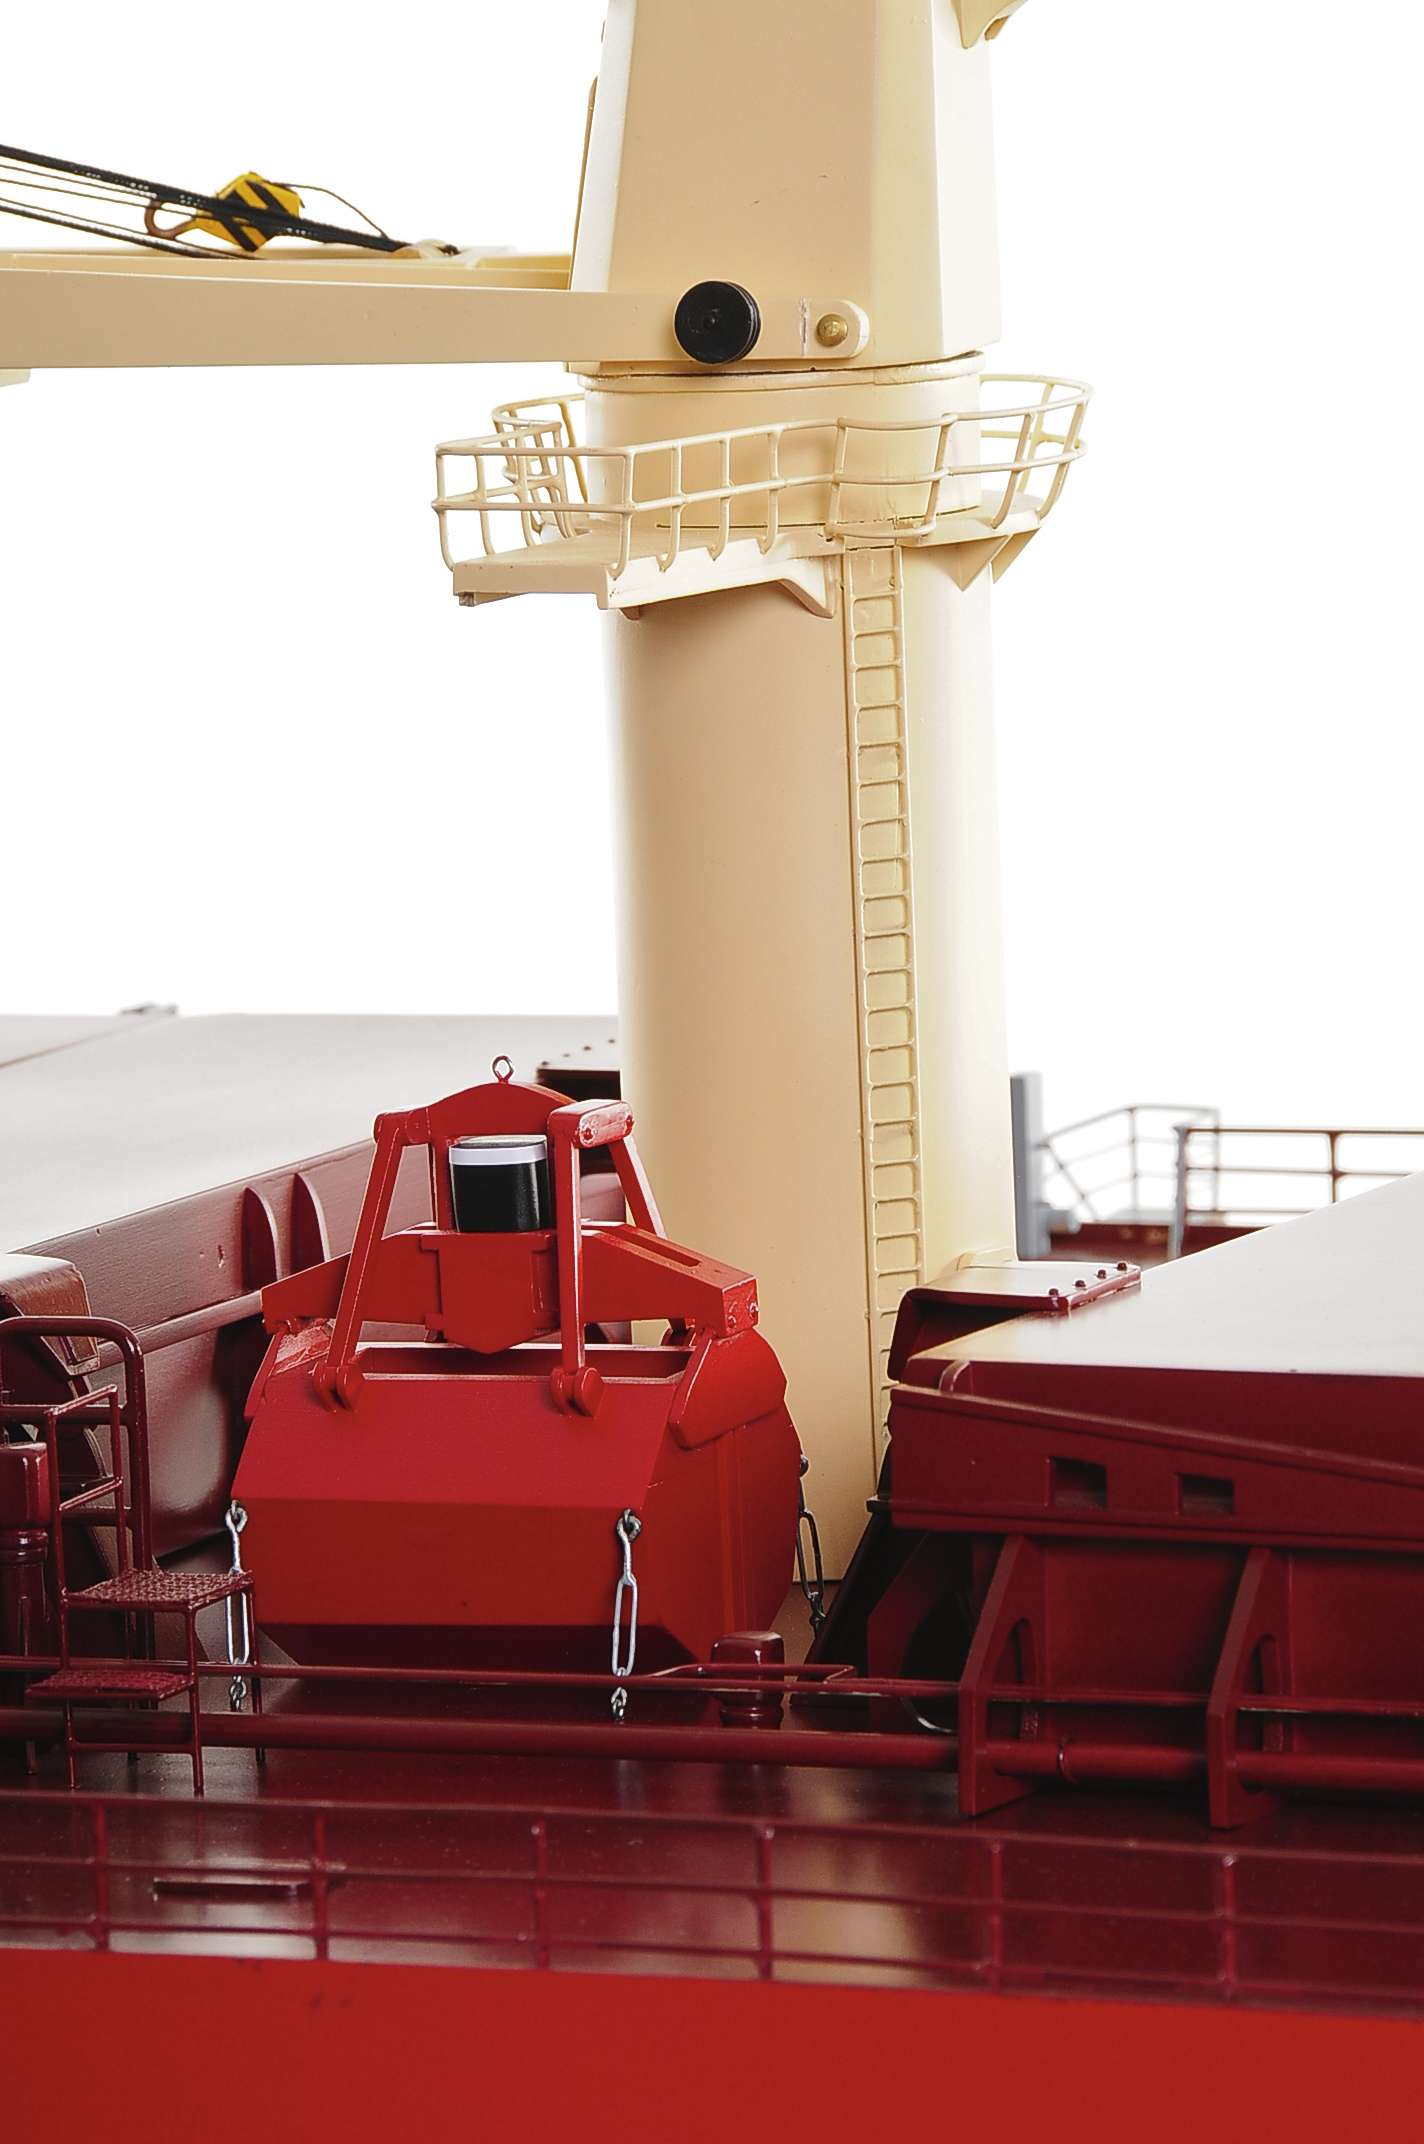 Bulk Carrier Model Ship